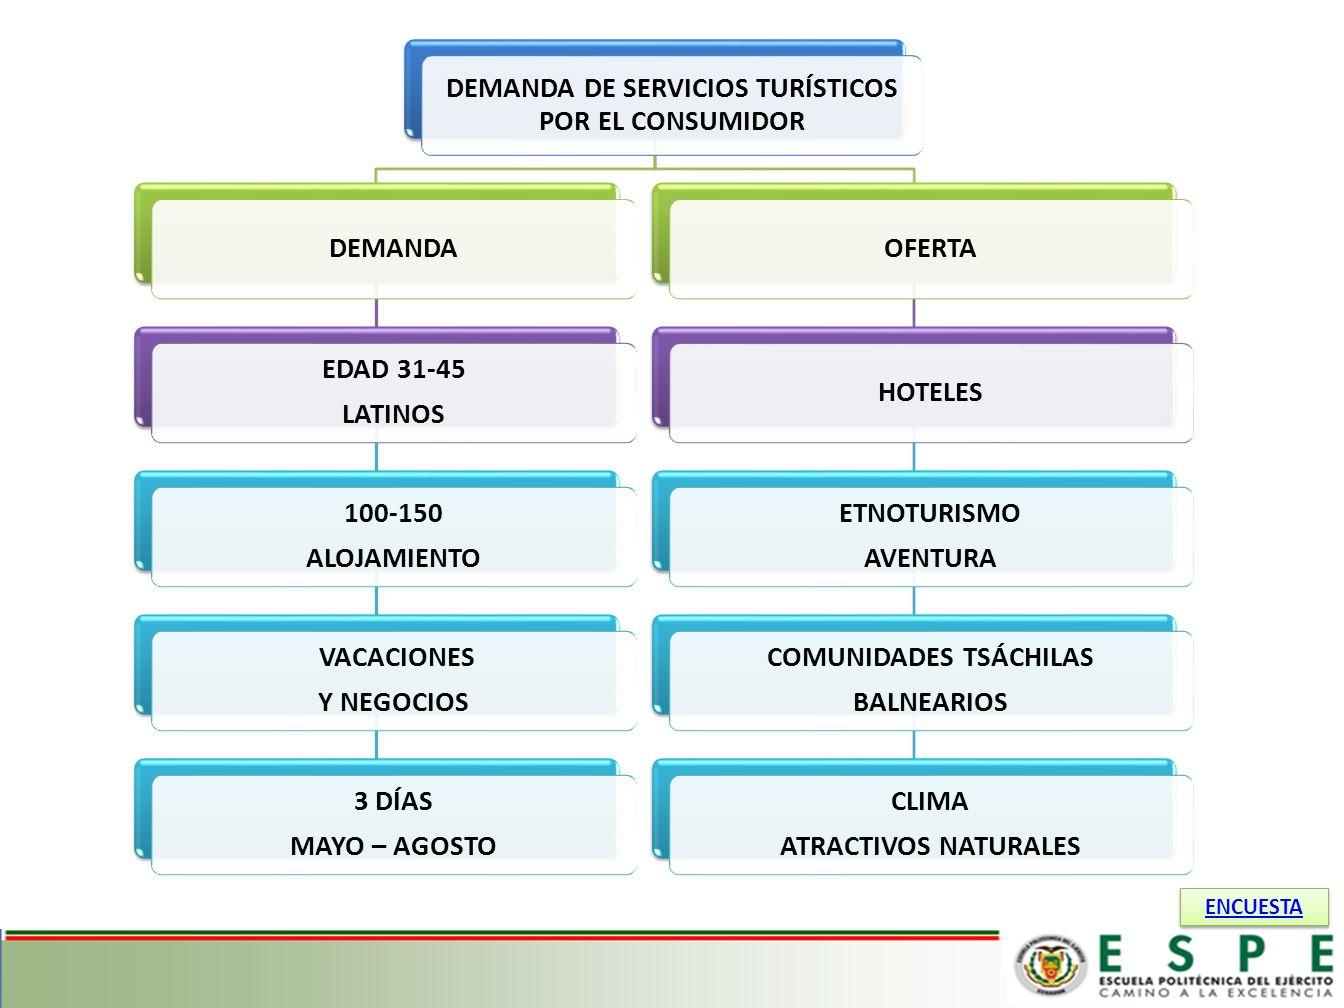 DEMANDA DE SERVICIOS TURÍSTICOS POR EL CONSUMIDOR